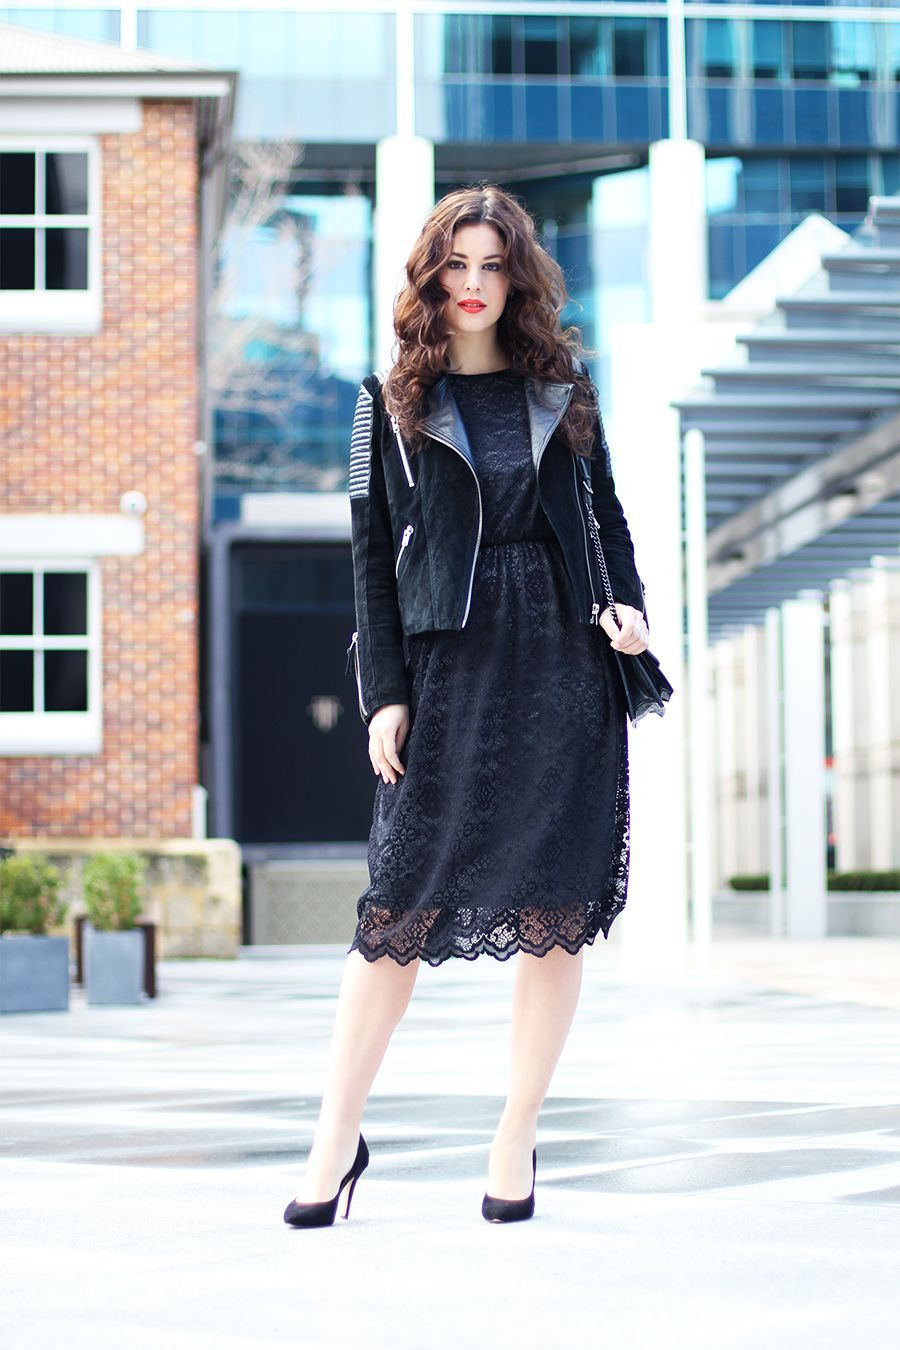 사진 : 재생 / 패션 컨테이너